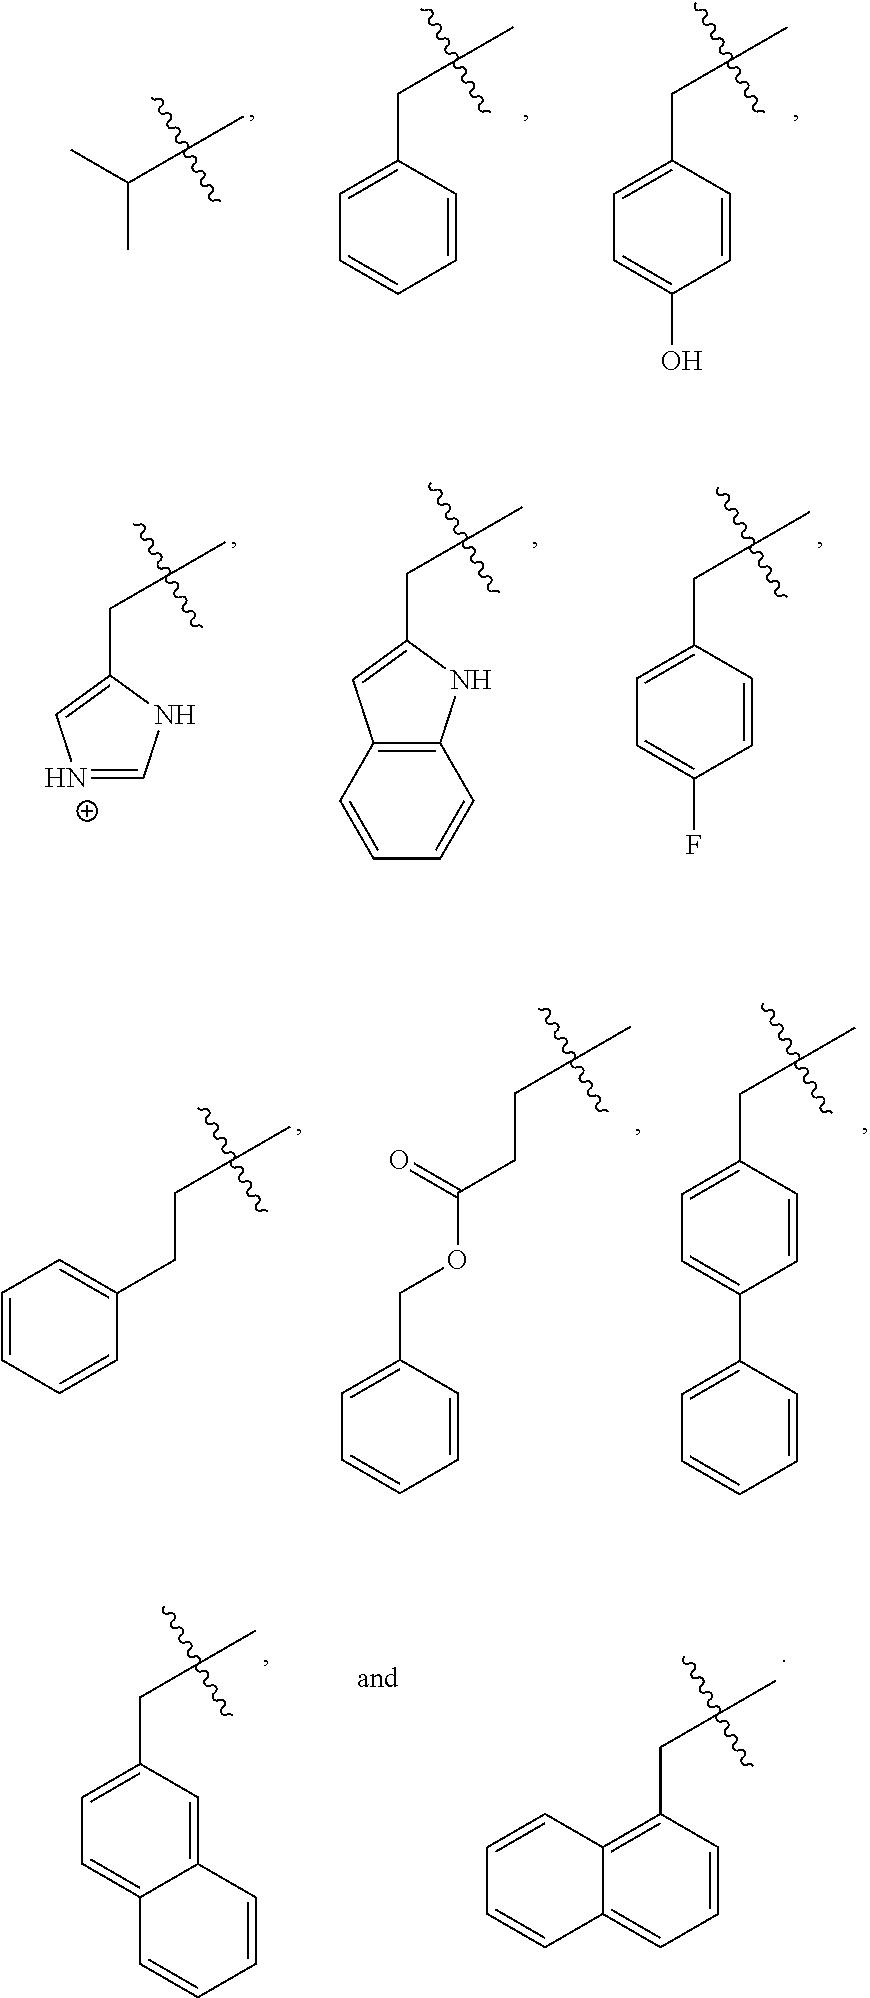 Figure US08987377-20150324-C00075